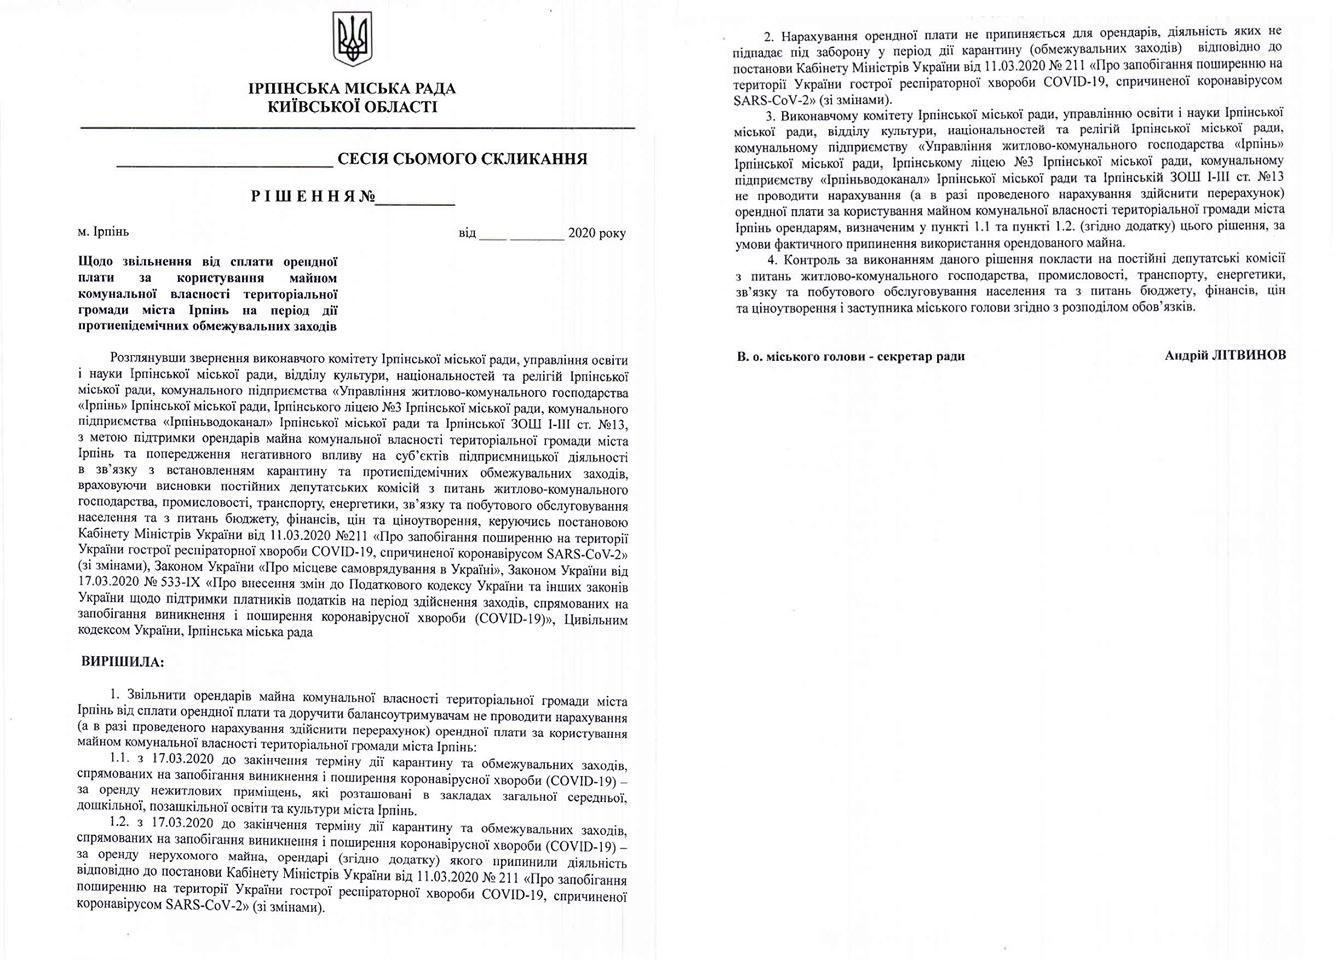 Ірпінська міська рада звільнила канал Карплюка ITV від орендної плати на час карантину